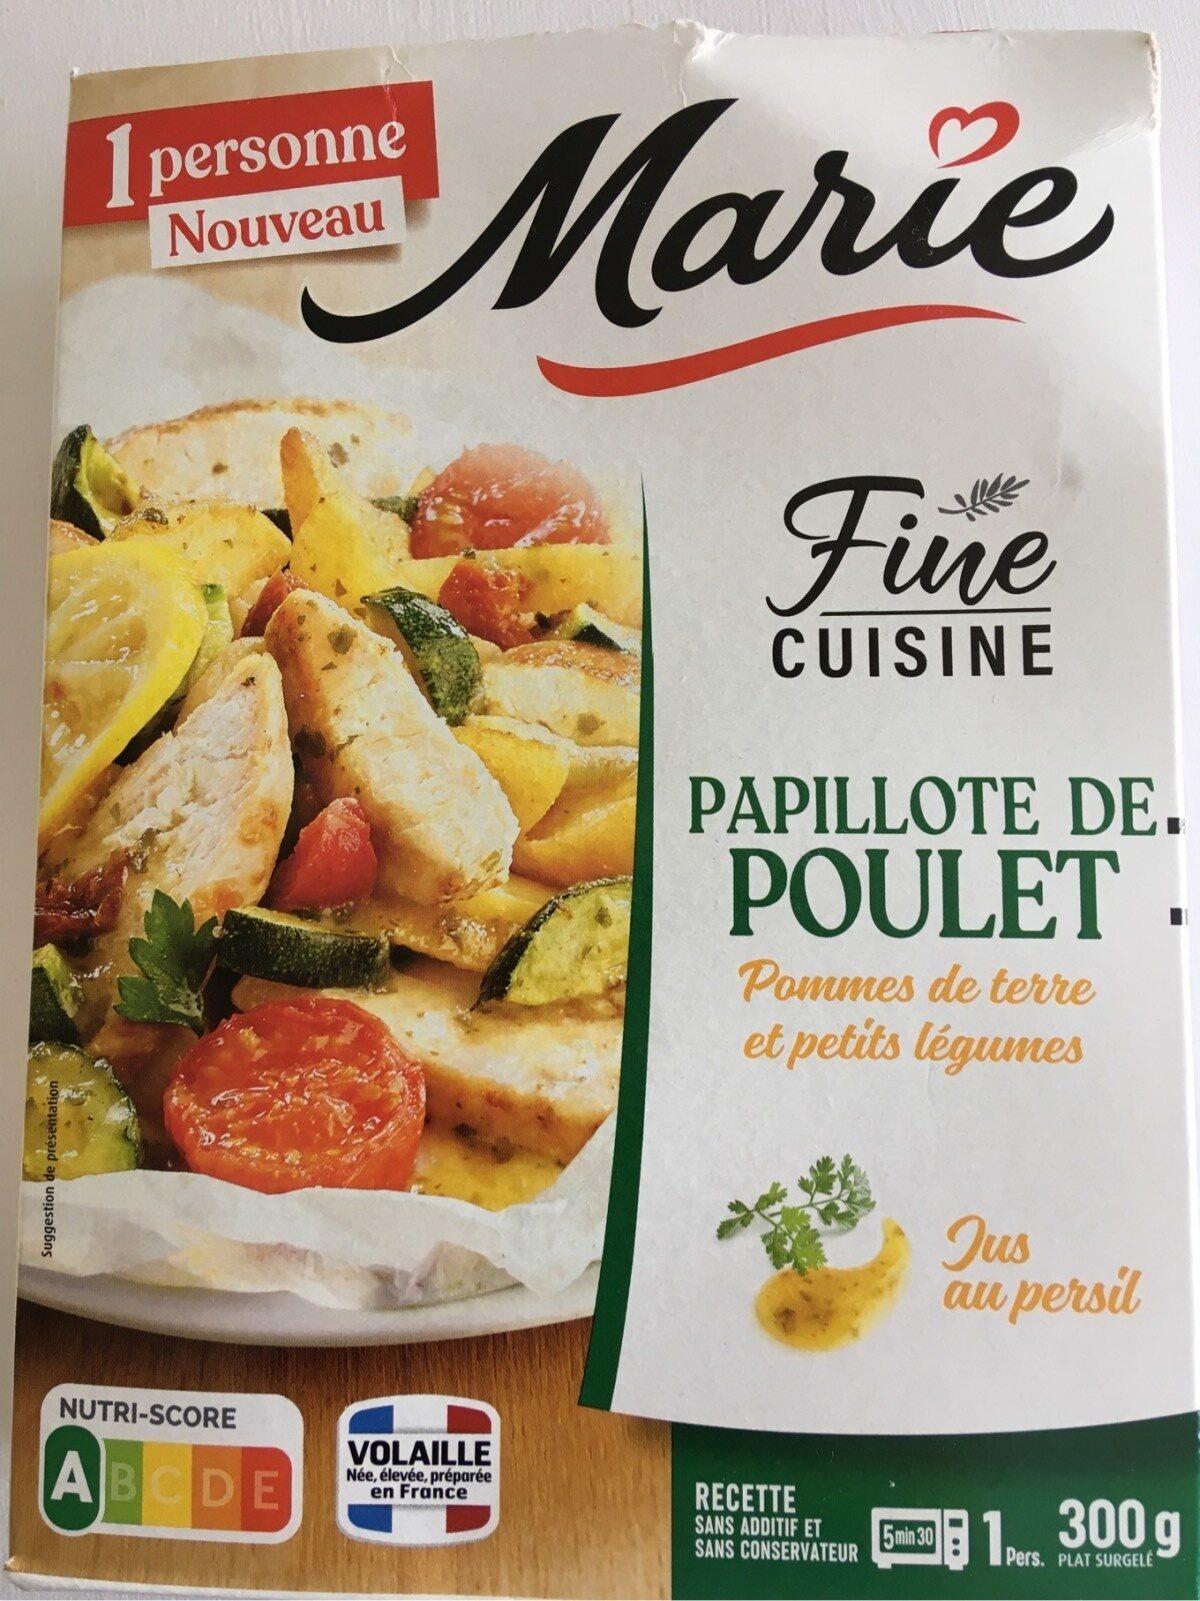 Papillote de poulet, pommes de terre et petits légumes - Product - fr